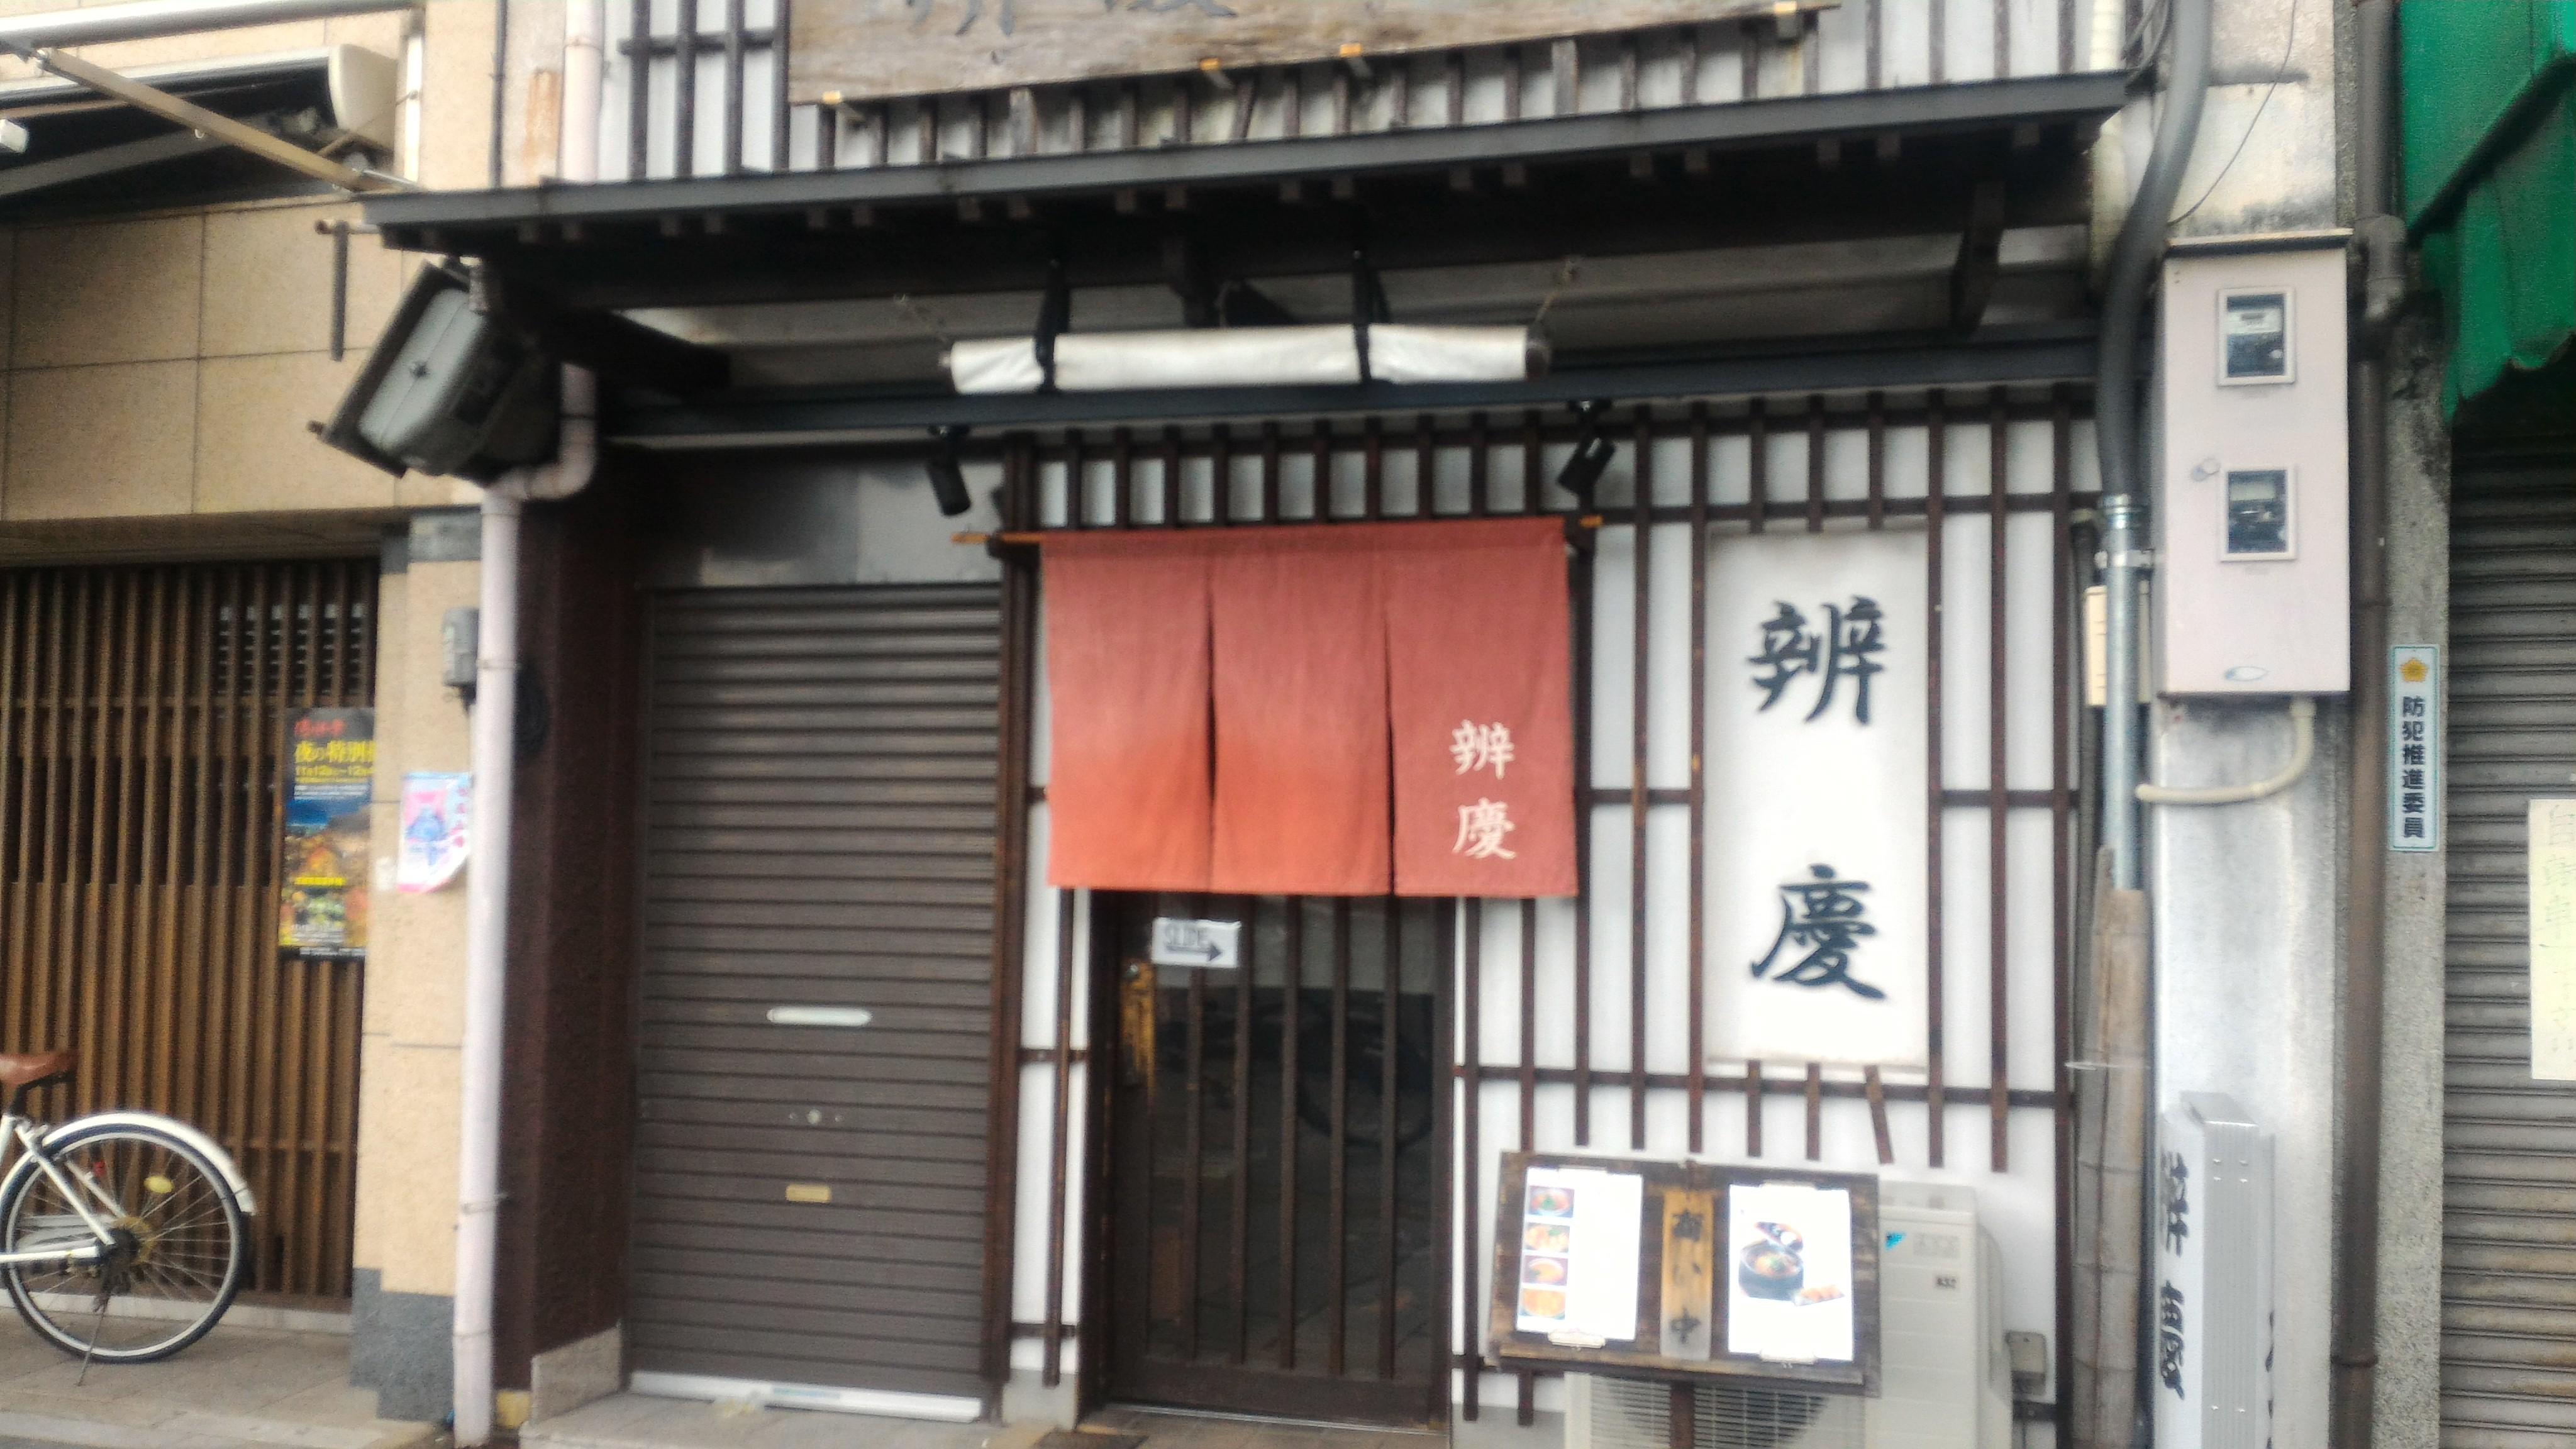 弁慶うどんは清水五条駅すぐのうどん屋さん